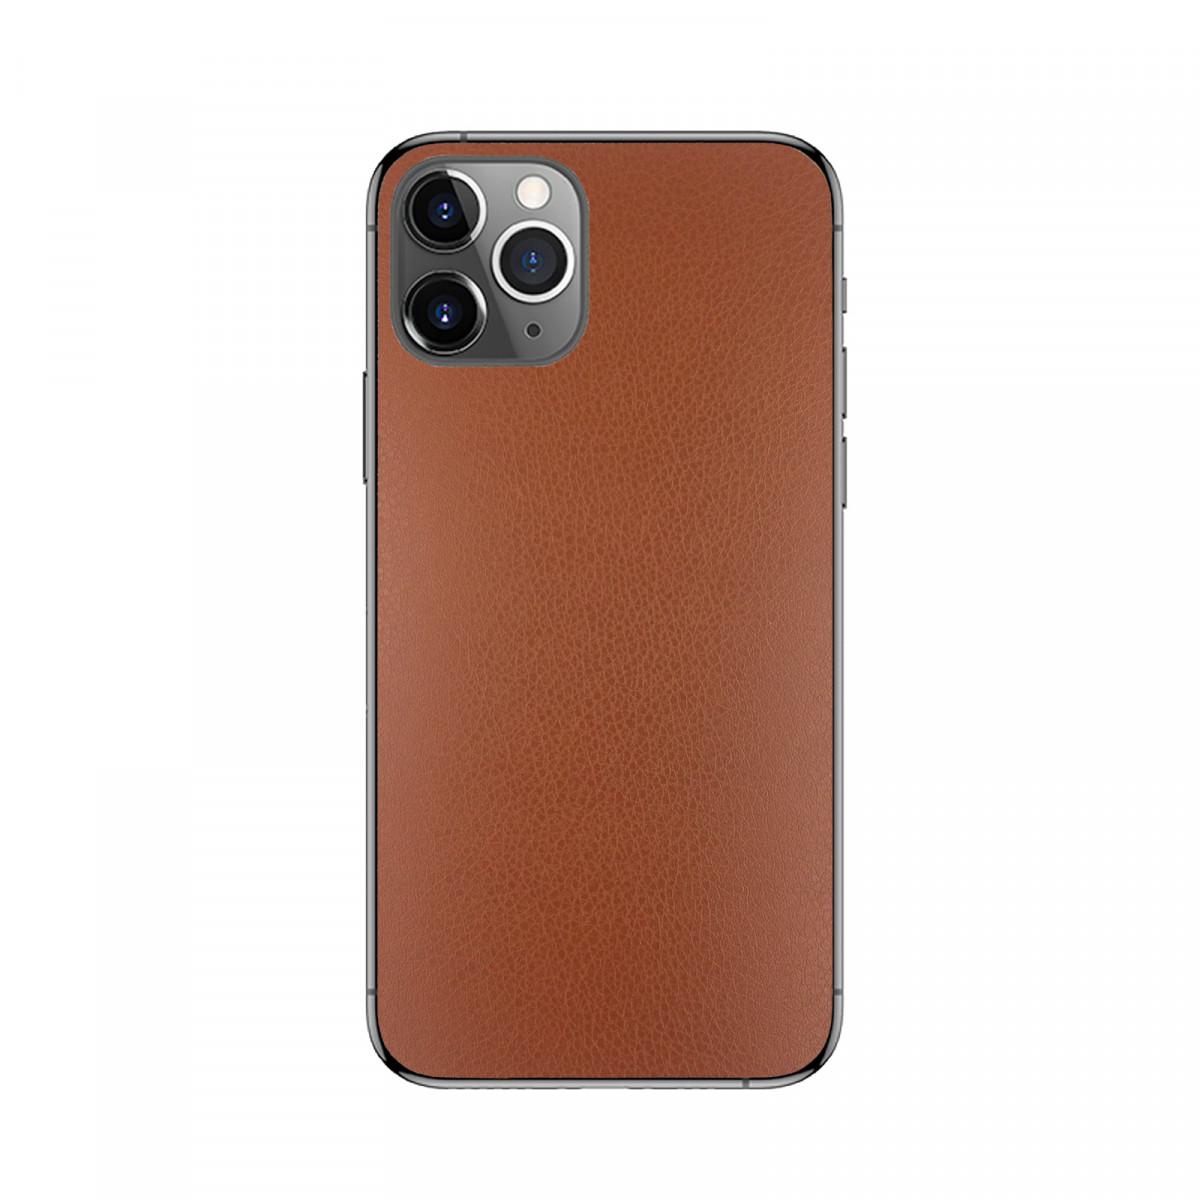 Захисна плівка на задню панель смартфона Коричнева шкіра